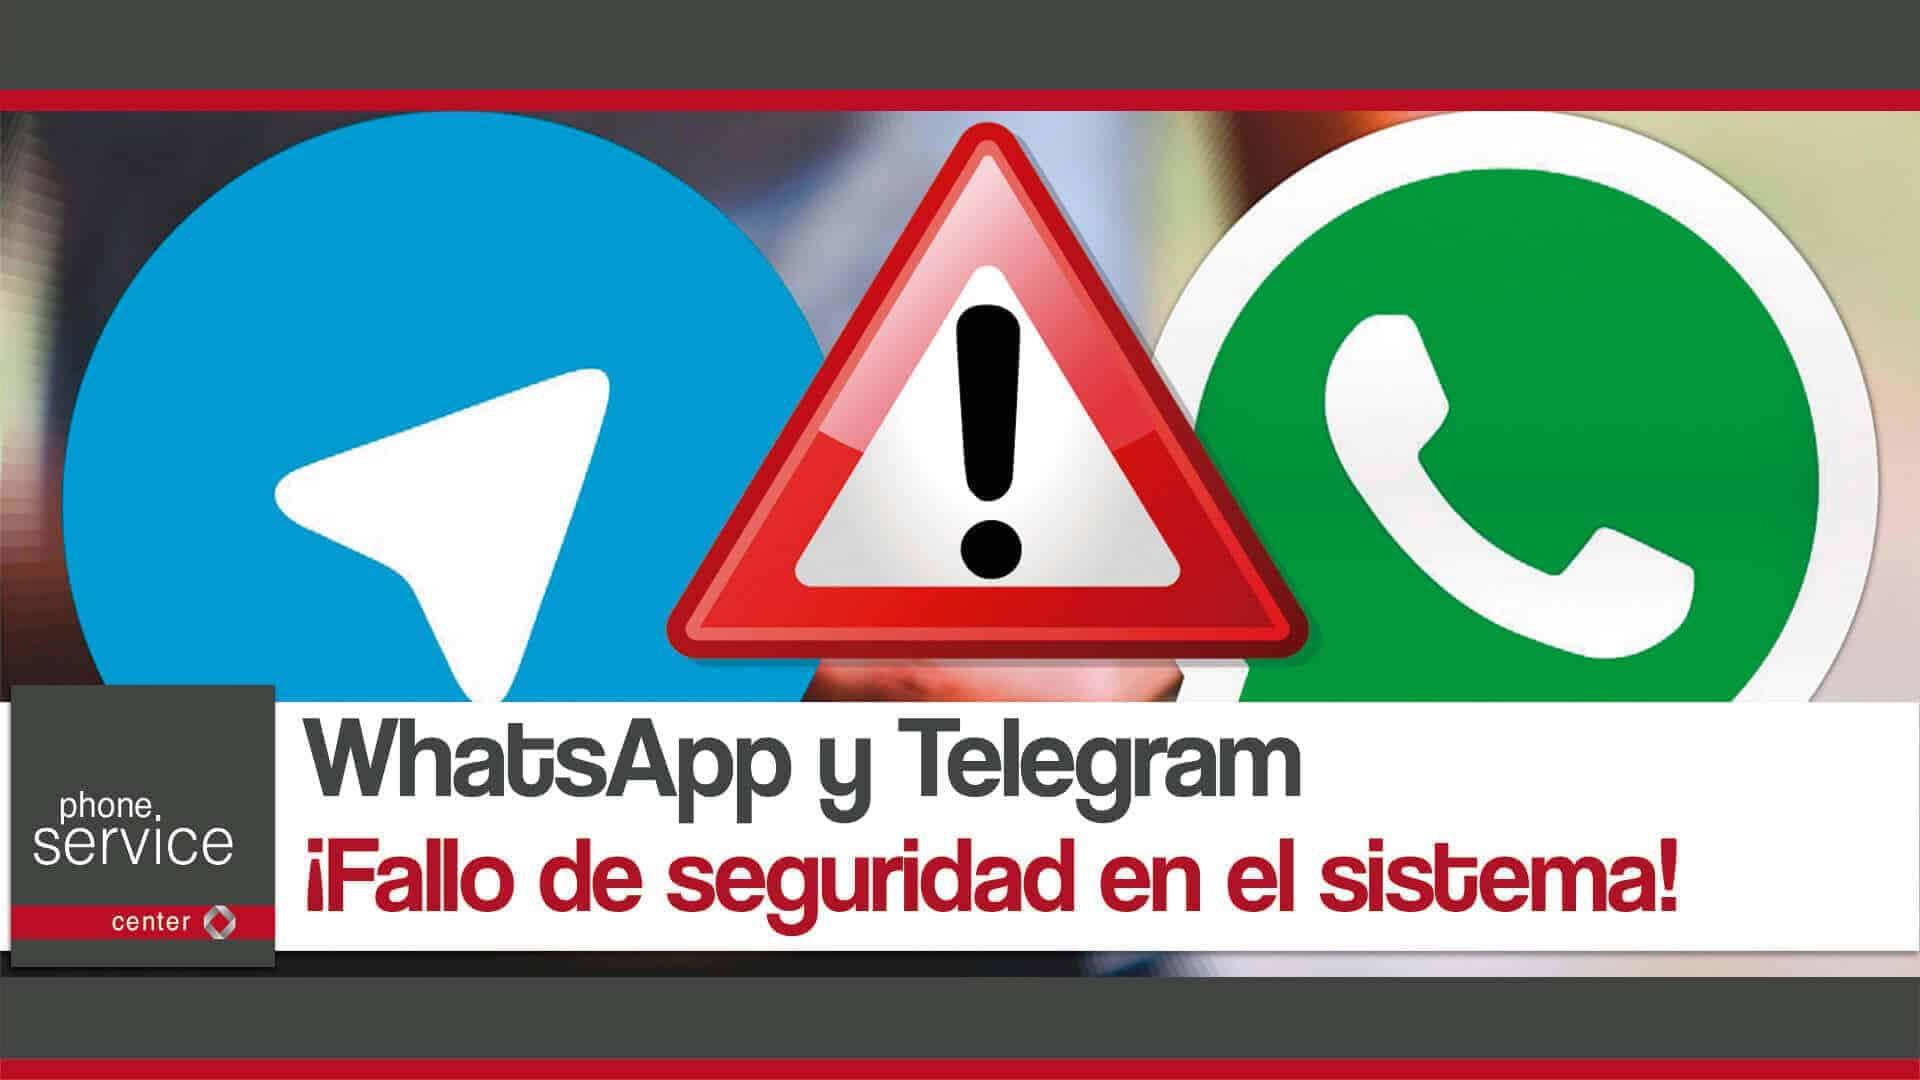 WhatsApp y Telegram fallo de seguridad en el sistema